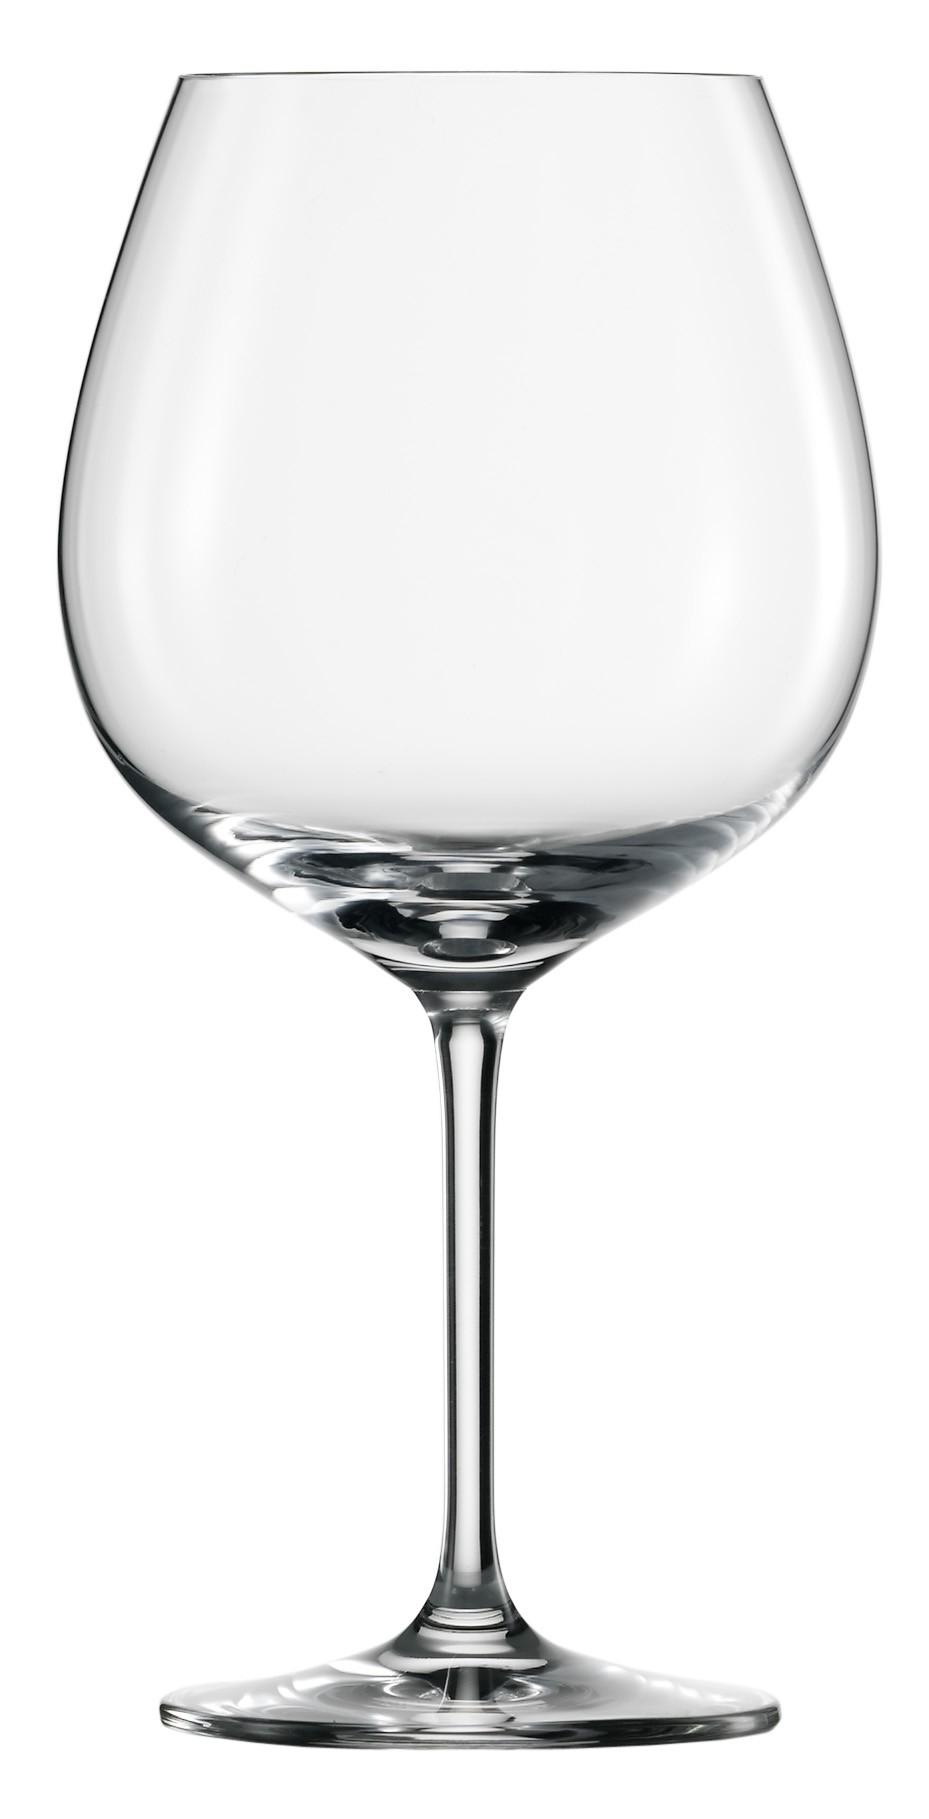 Jogo 6 Taças Cristal Vinho Borgonha 783 ml Ivento S. Zwiesel